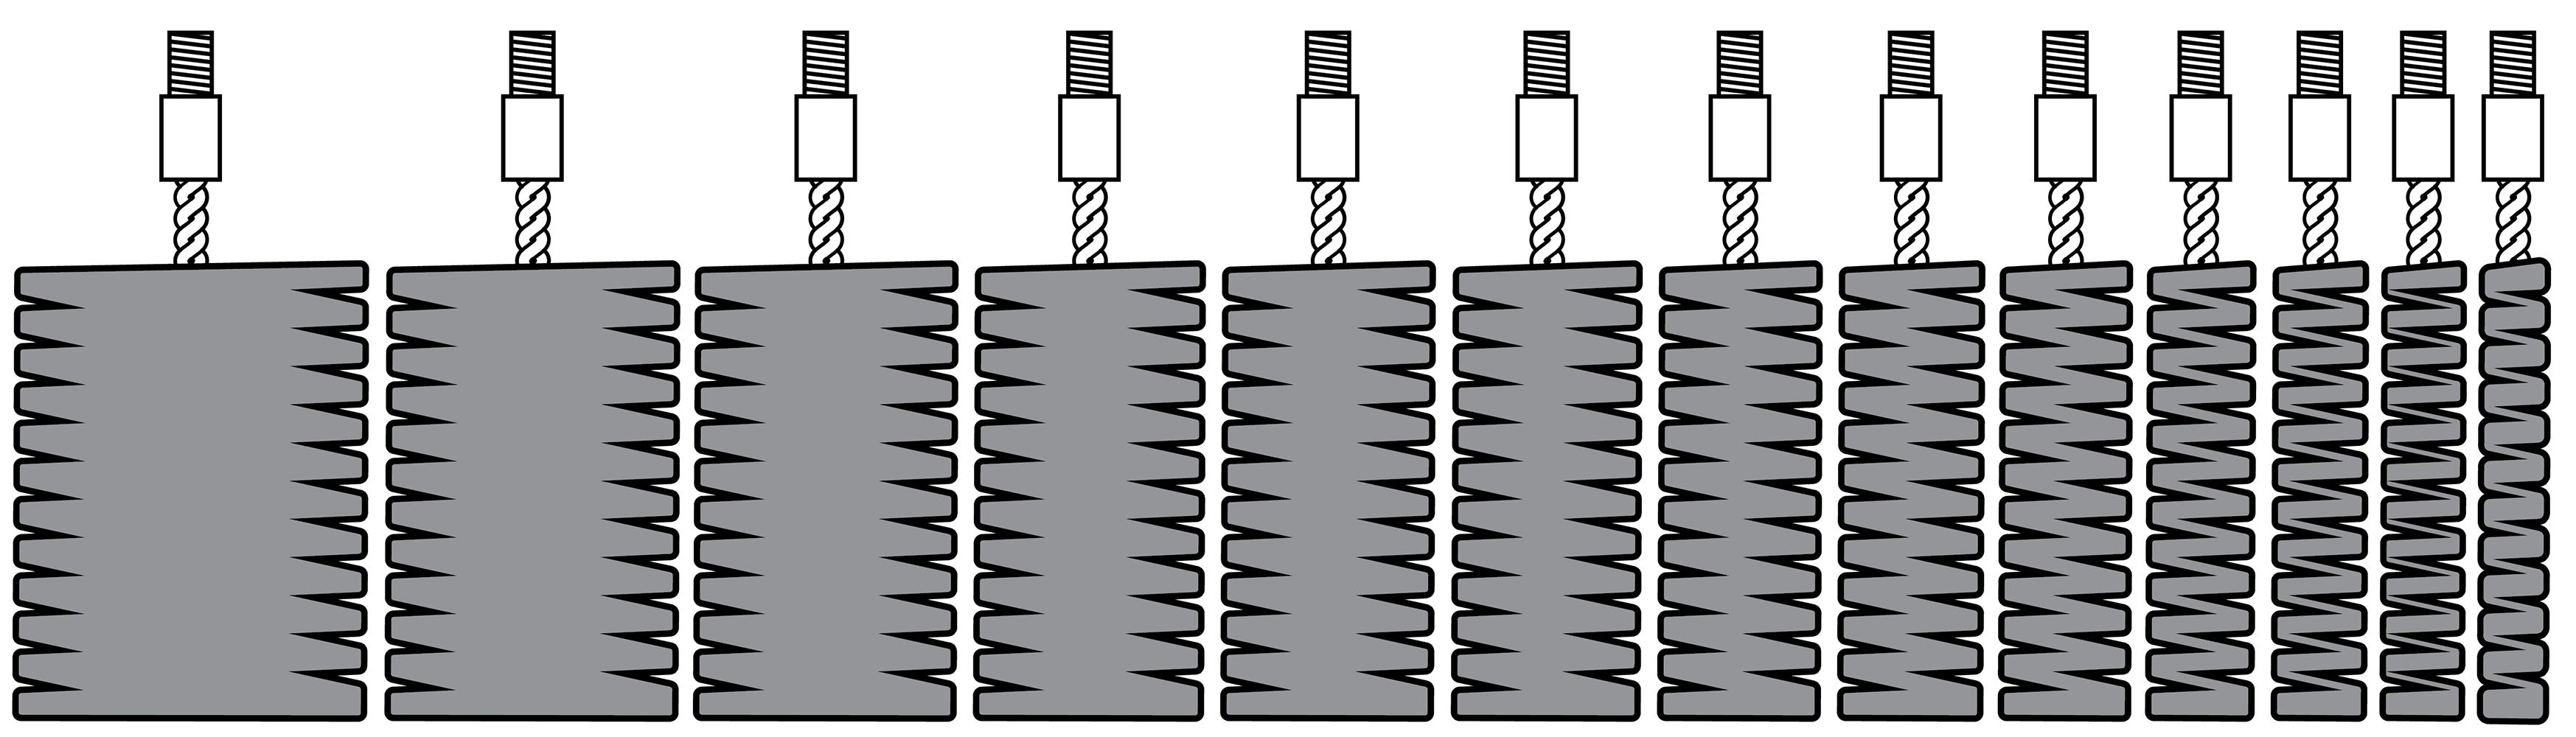 02-de-fr-it_CH-AnchorFix-accessory-full-steel